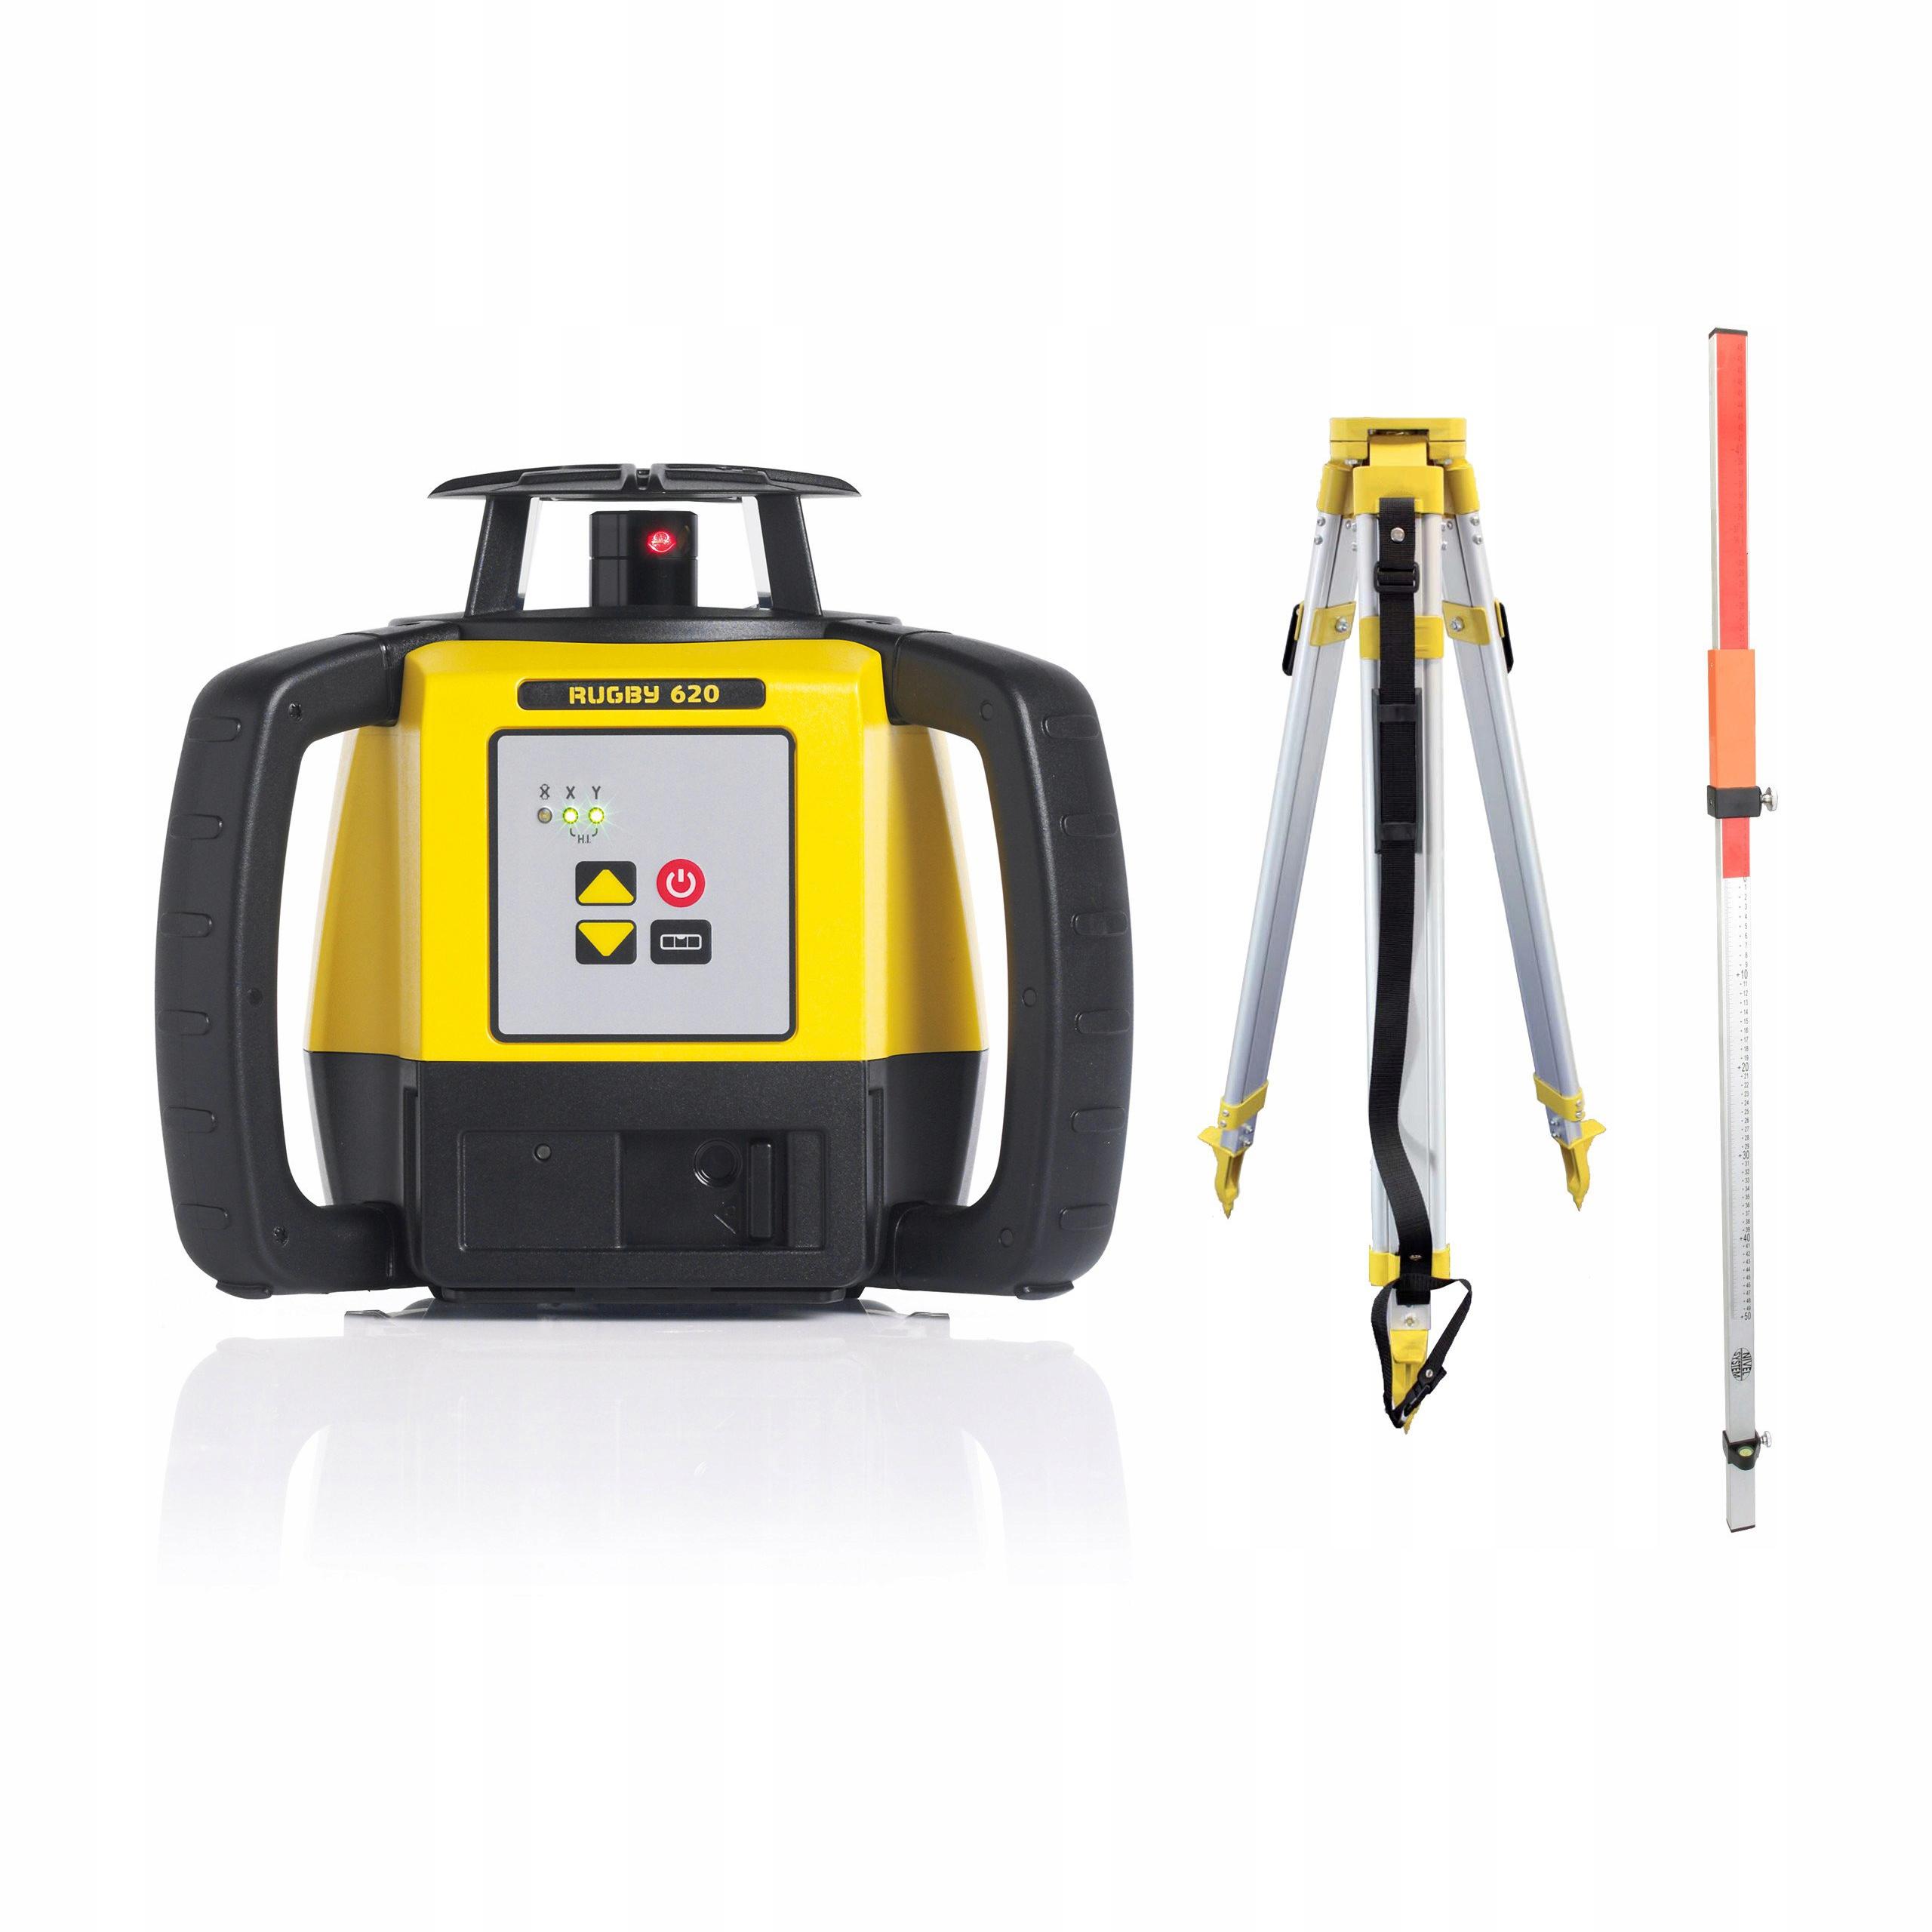 Laser Leica Rugby 620 Laser Full Set